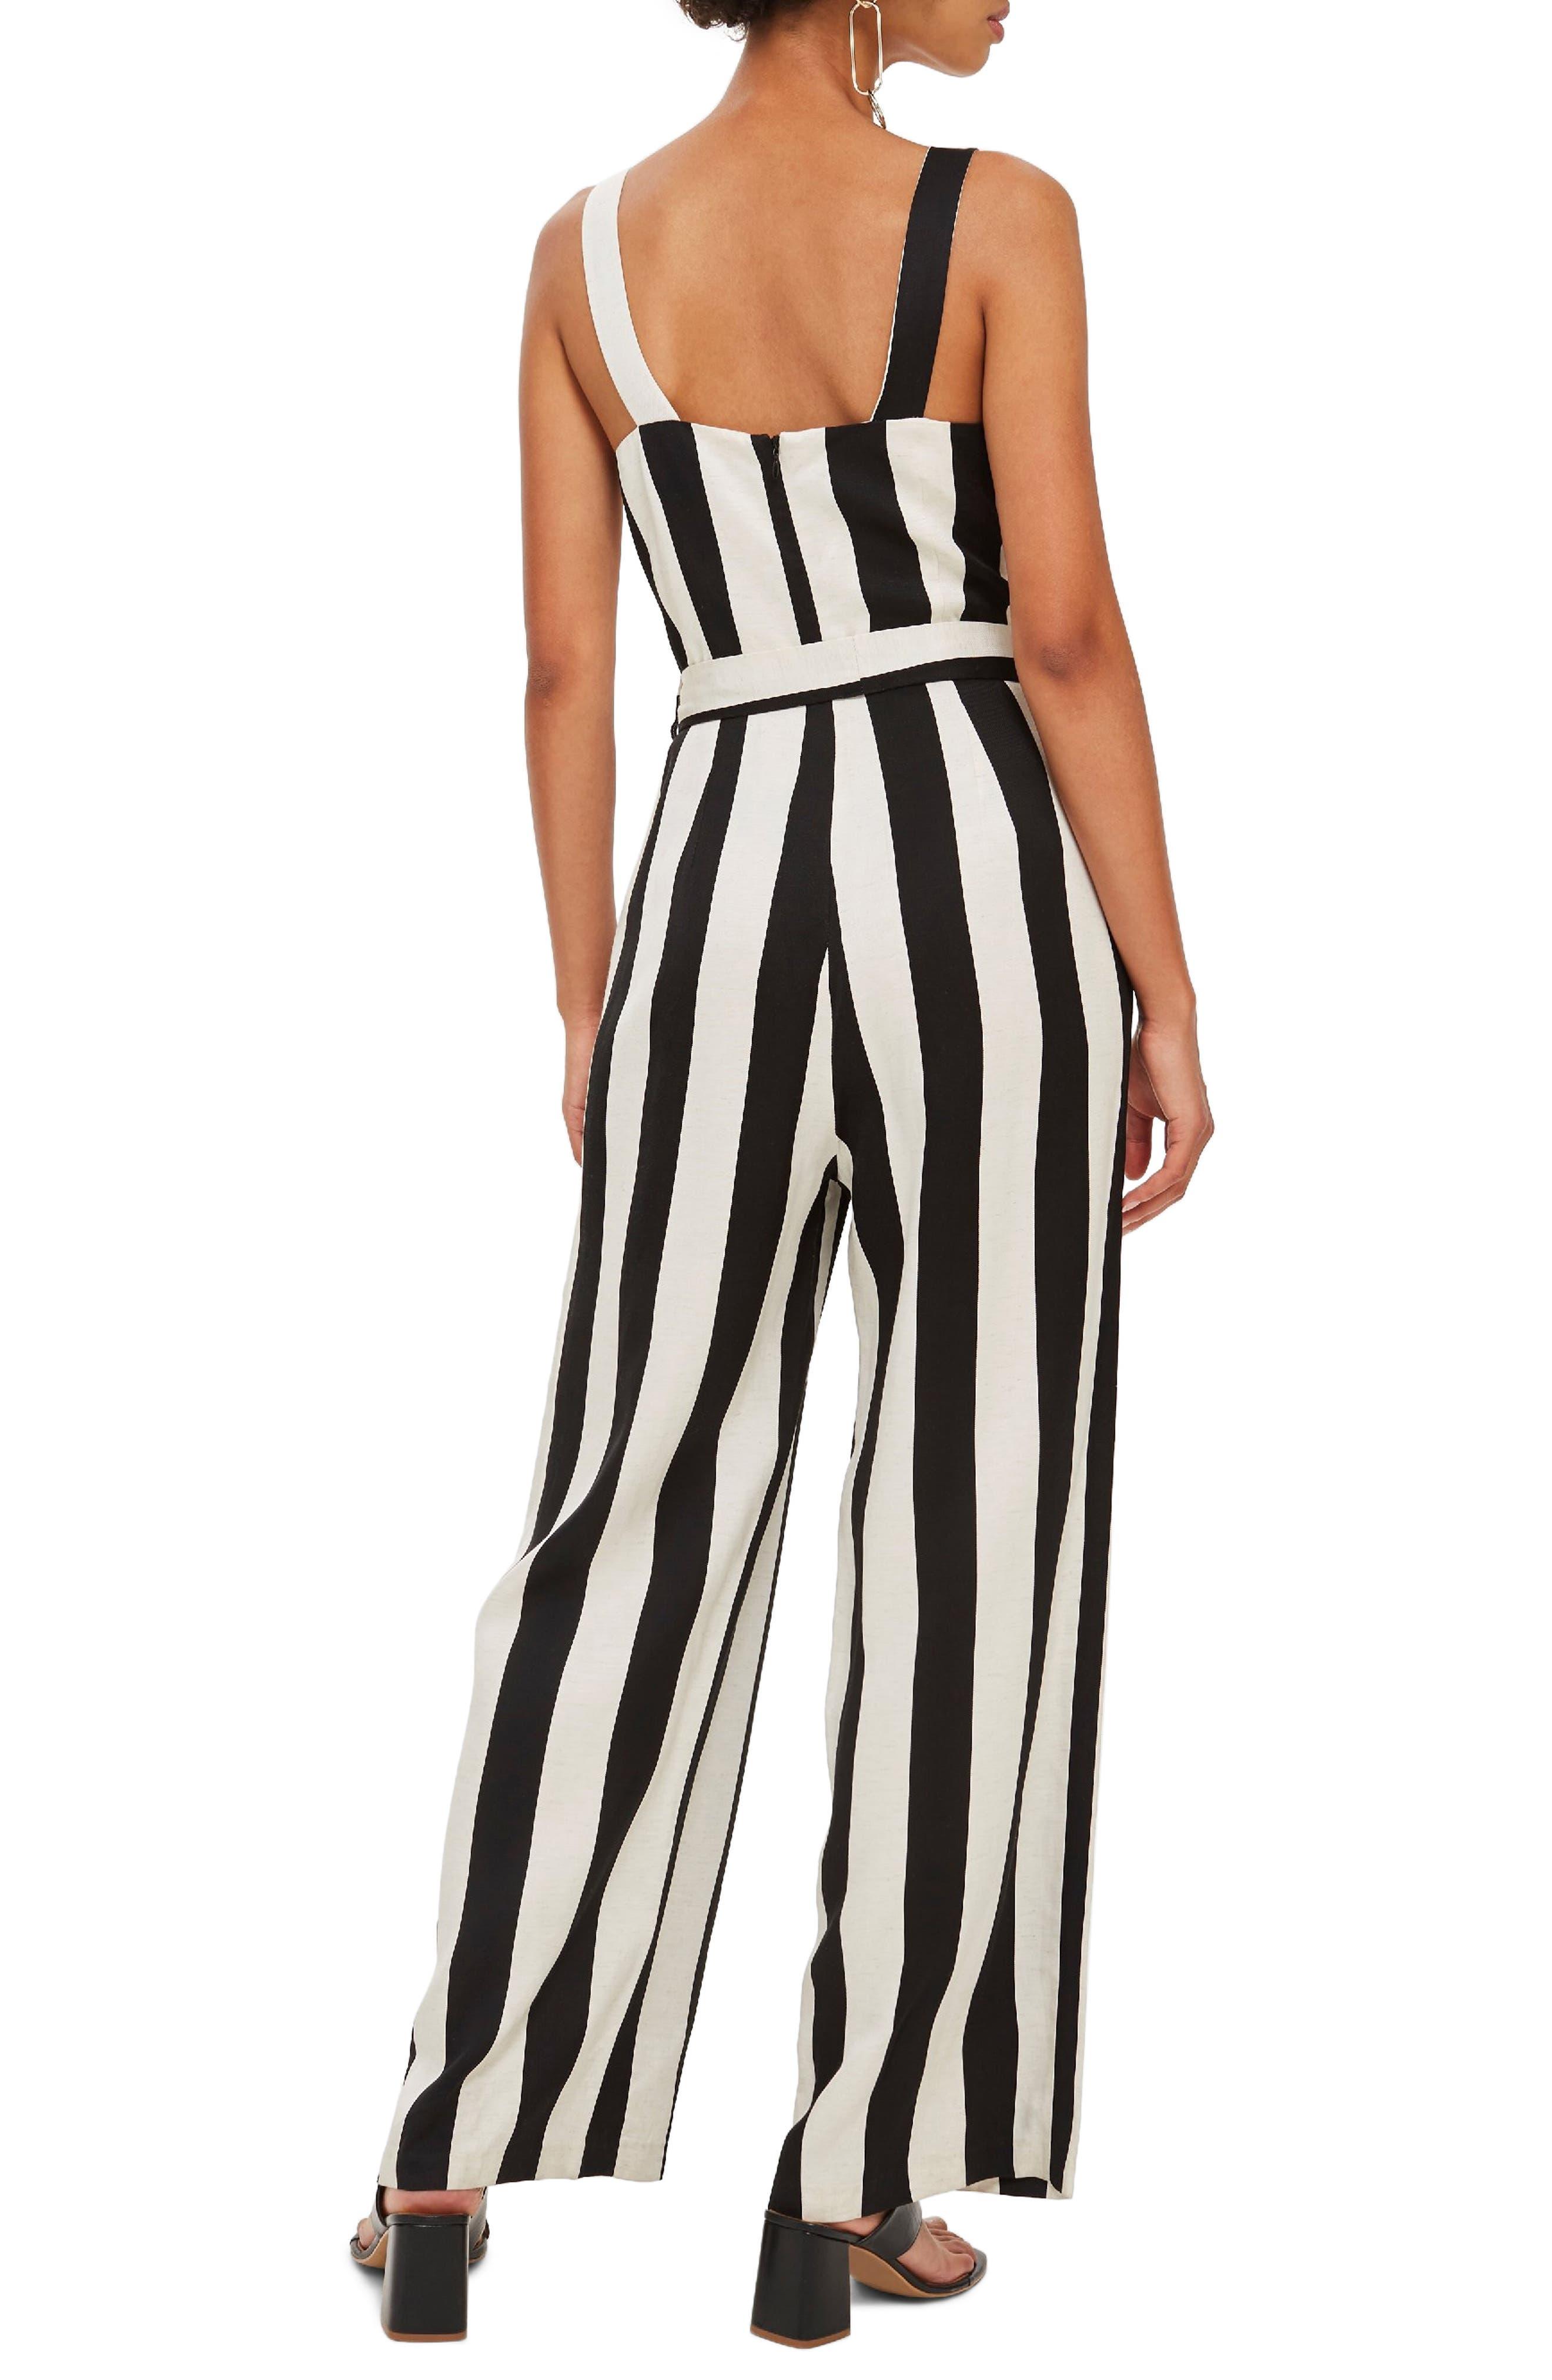 Humbug Striped Jumpsuit,                             Alternate thumbnail 2, color,                             BLACK MULTI